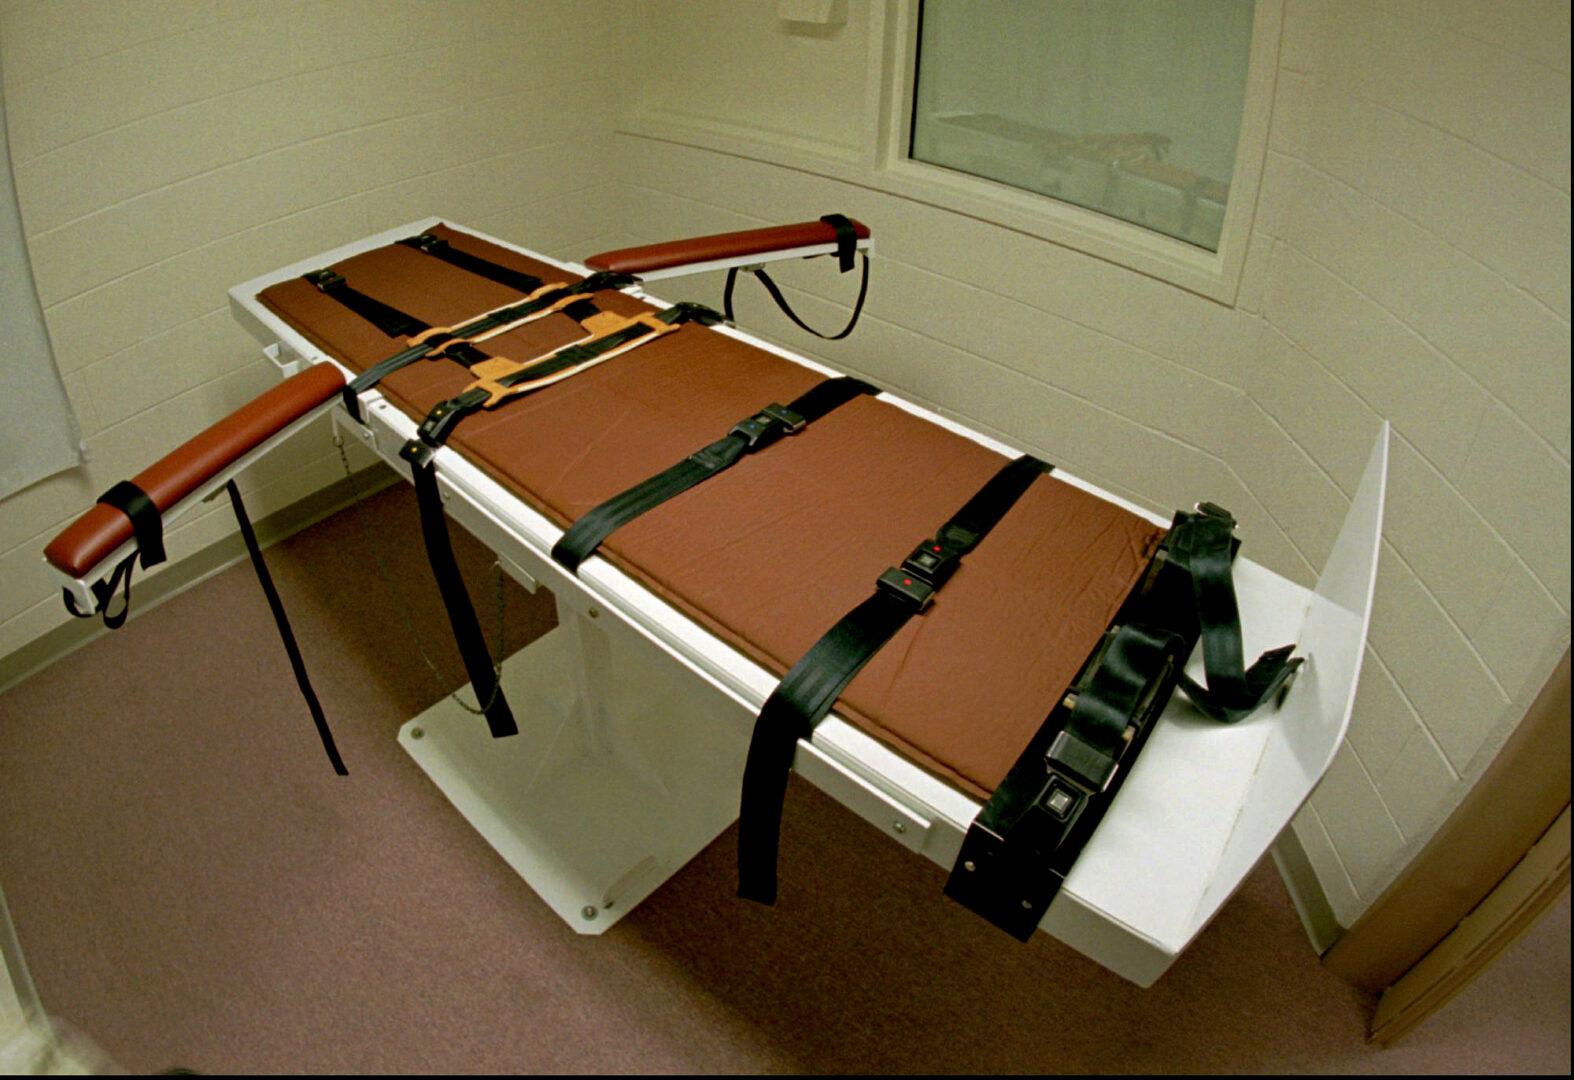 Od držav, ki imajo še uzakonjeno smrtno kazen, kar 86% usmrtitev opravijo v Iranu, Savdski Arabiji, Iraku in Egiptu.